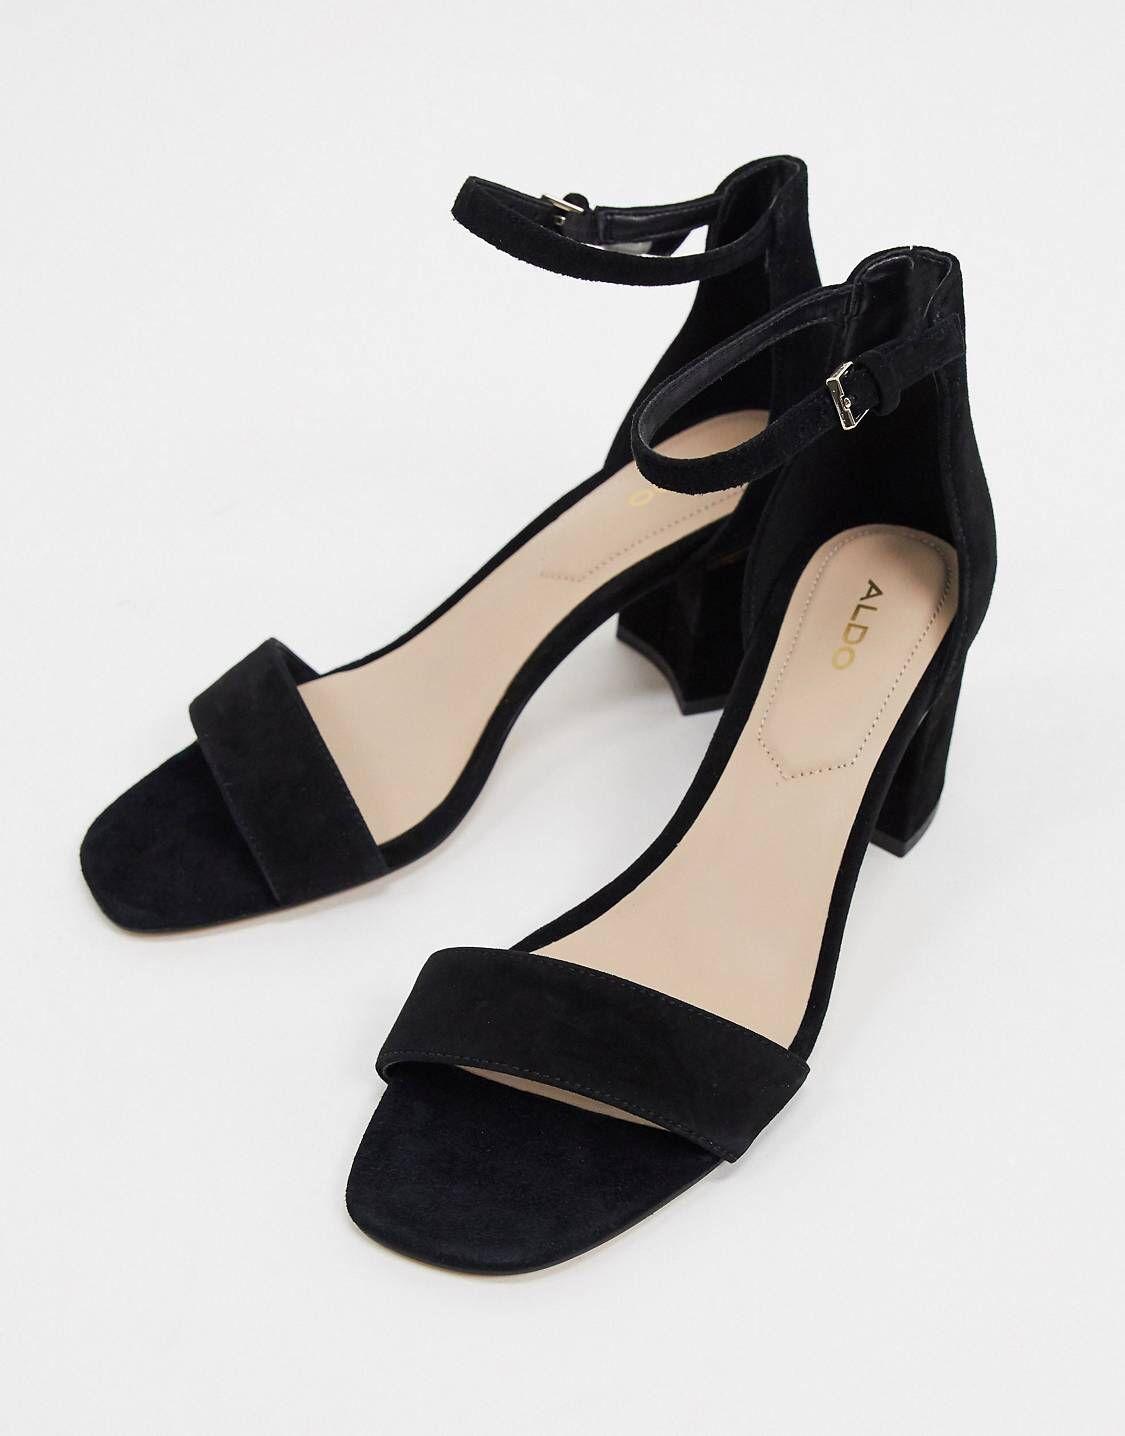 Pin By Francisca Aires On Dancing Queen In 2020 Sandals Heels Mid Heel Sandals Heels